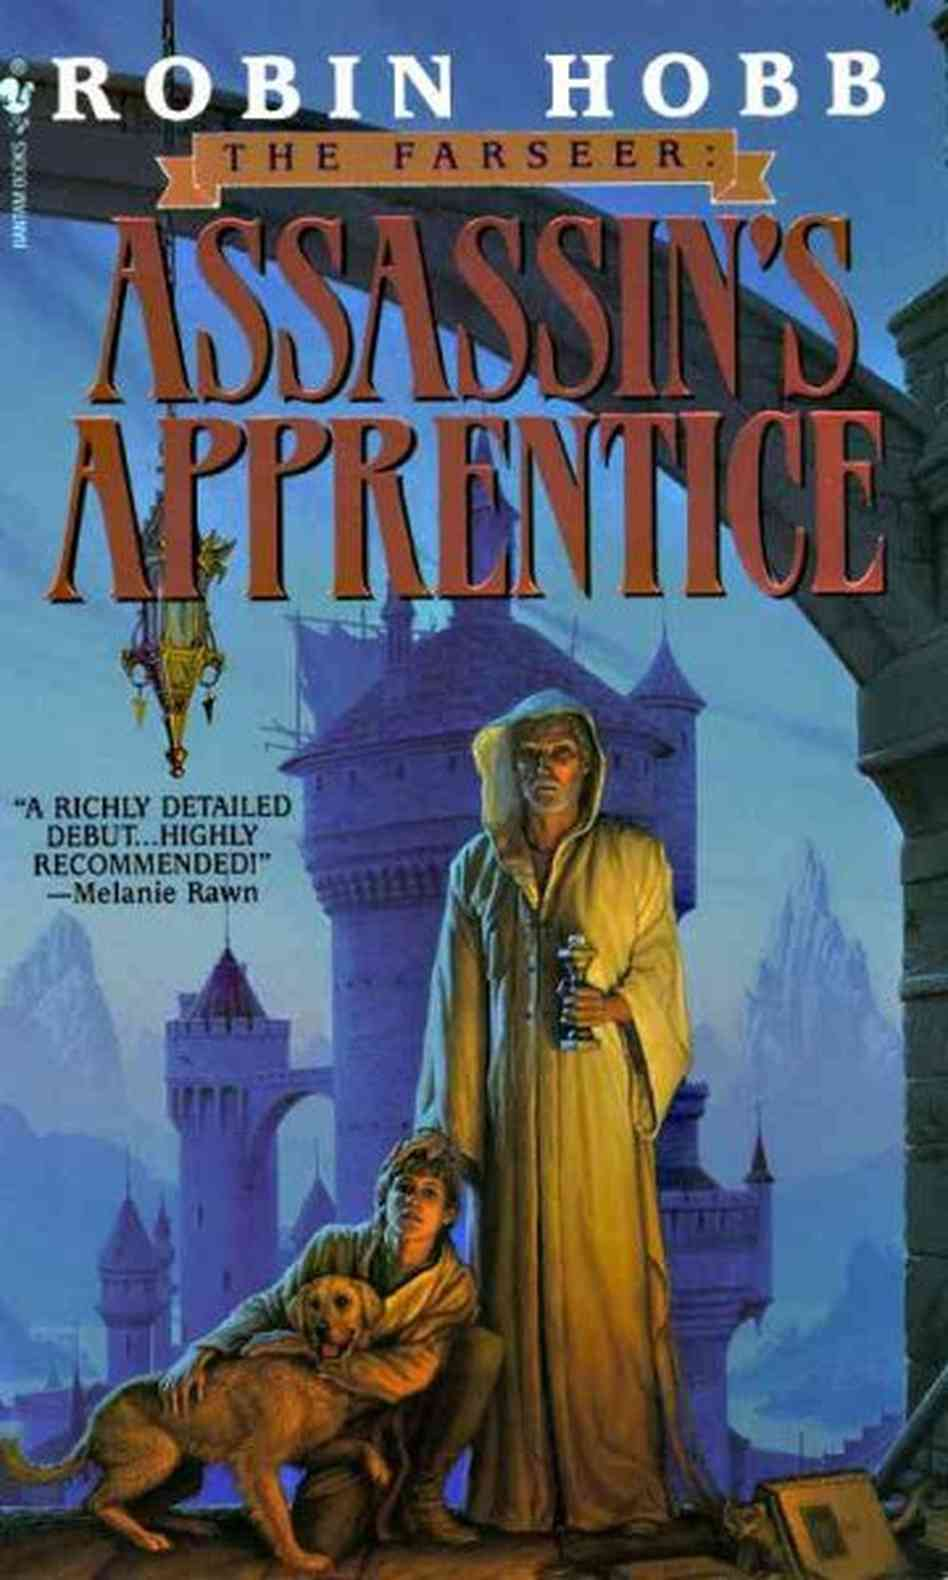 Image result for robin hobb books